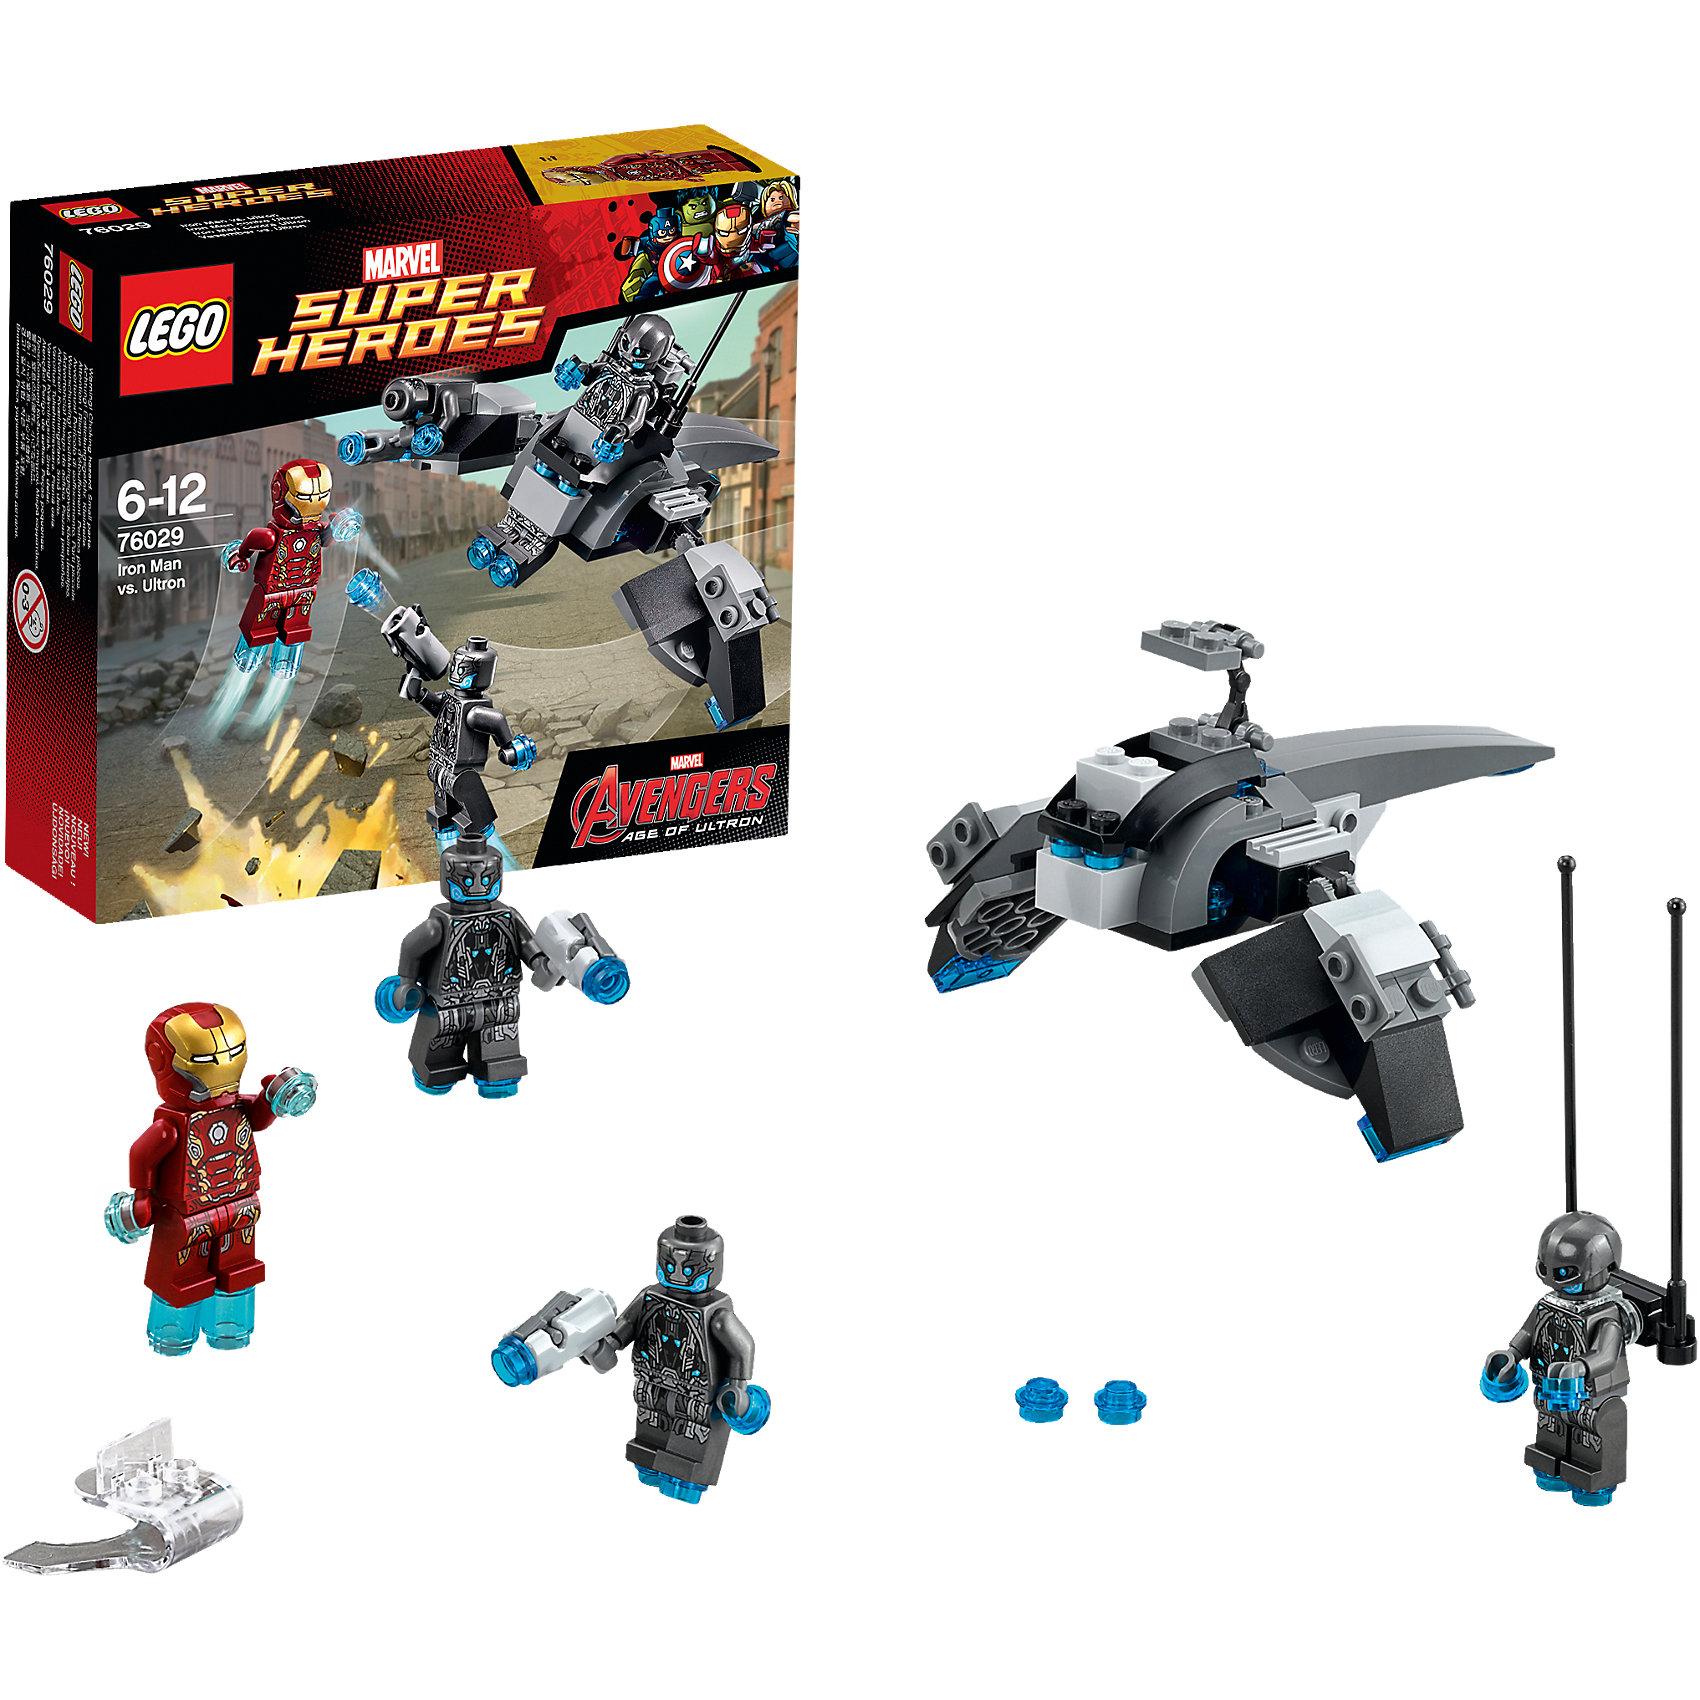 LEGO LEGO Super Heroes 76029: Железный человек против Альтрона lego super heroes 76058 лего супер герои человек паук союз с призрачным гонщиком